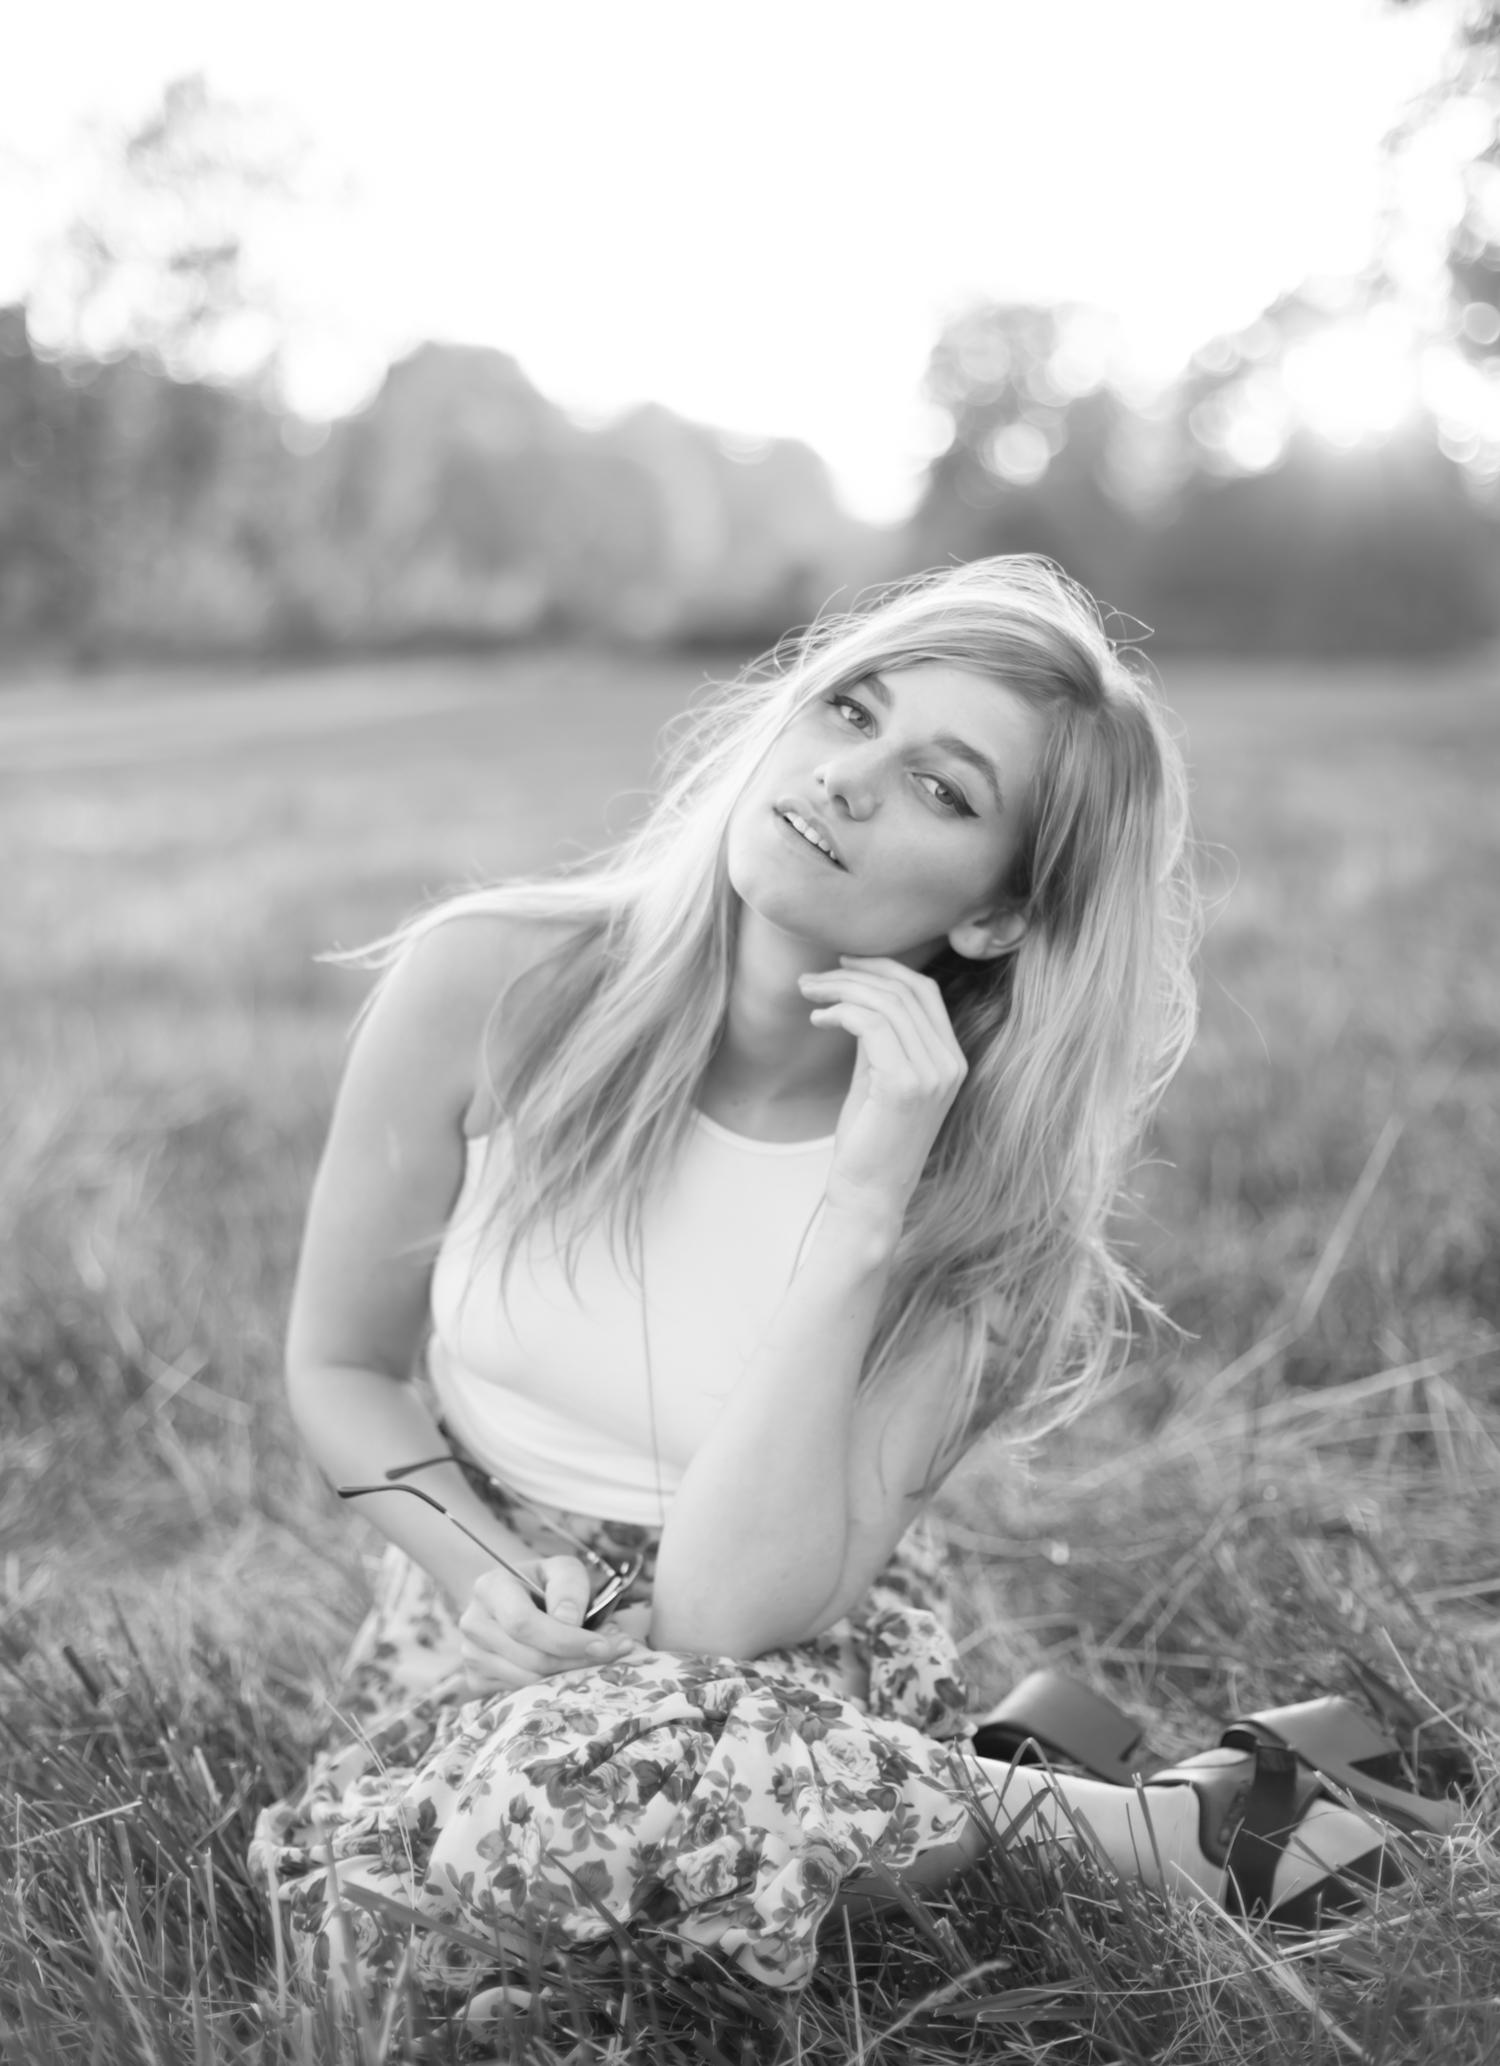 olivia_ashton_photography_ally43